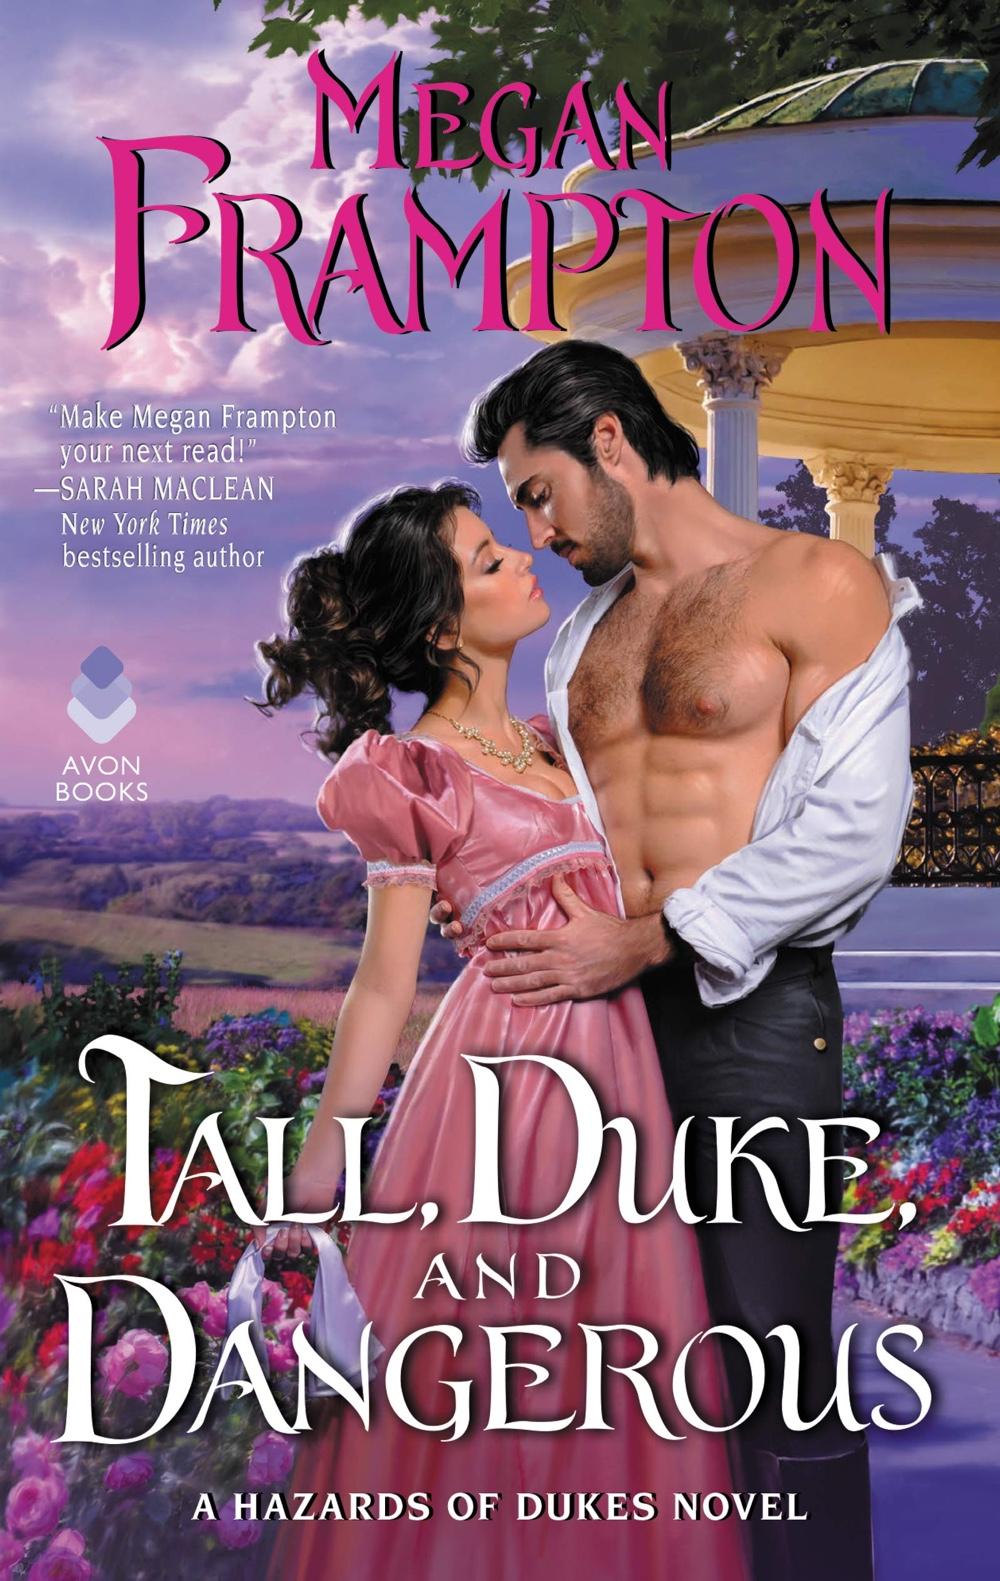 Tall, Duke, And Dangerous by Megan Frampton | Audiobook Review